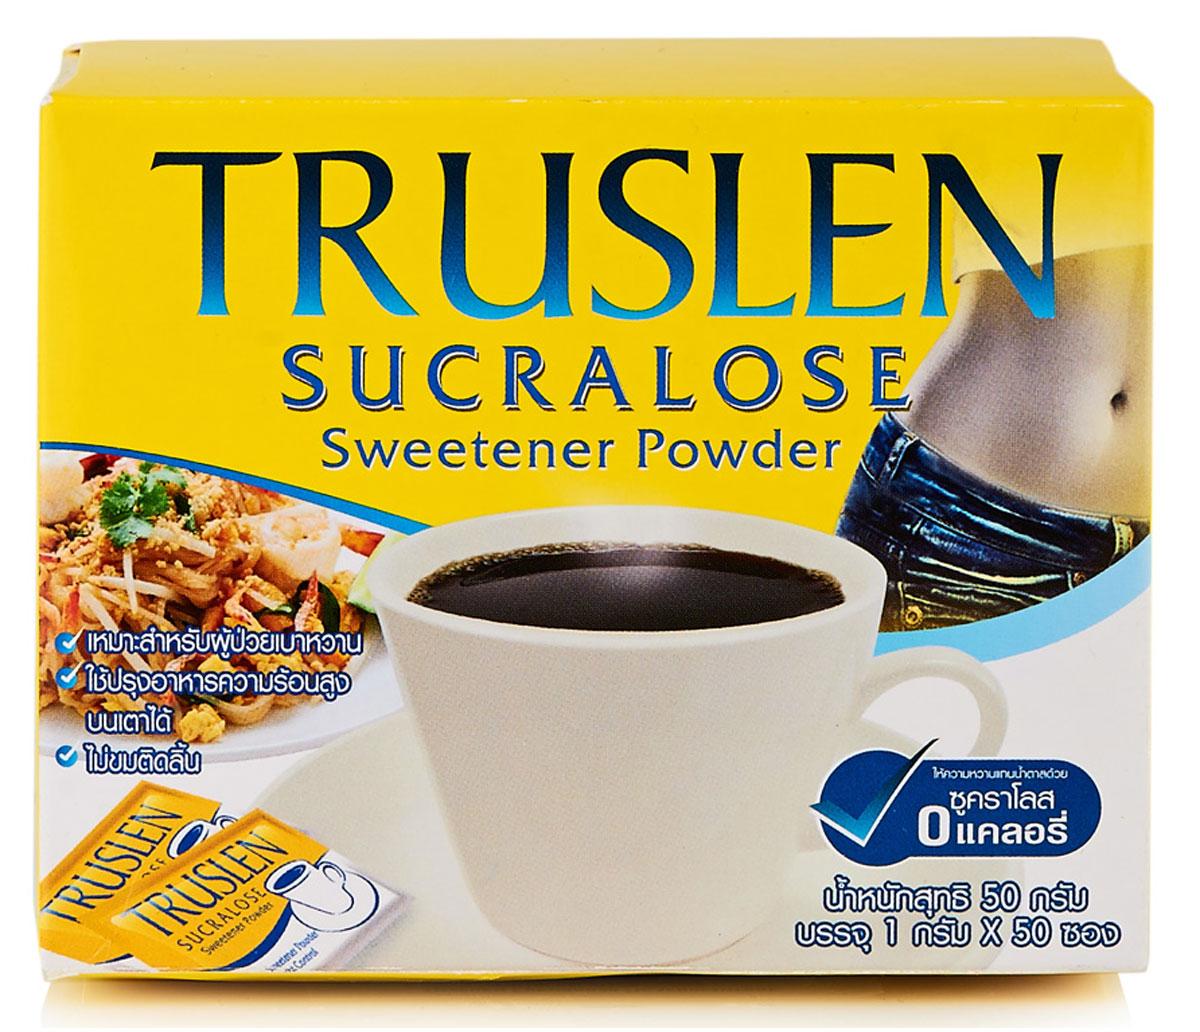 Truslen Sucralose подсластитель, 50 г